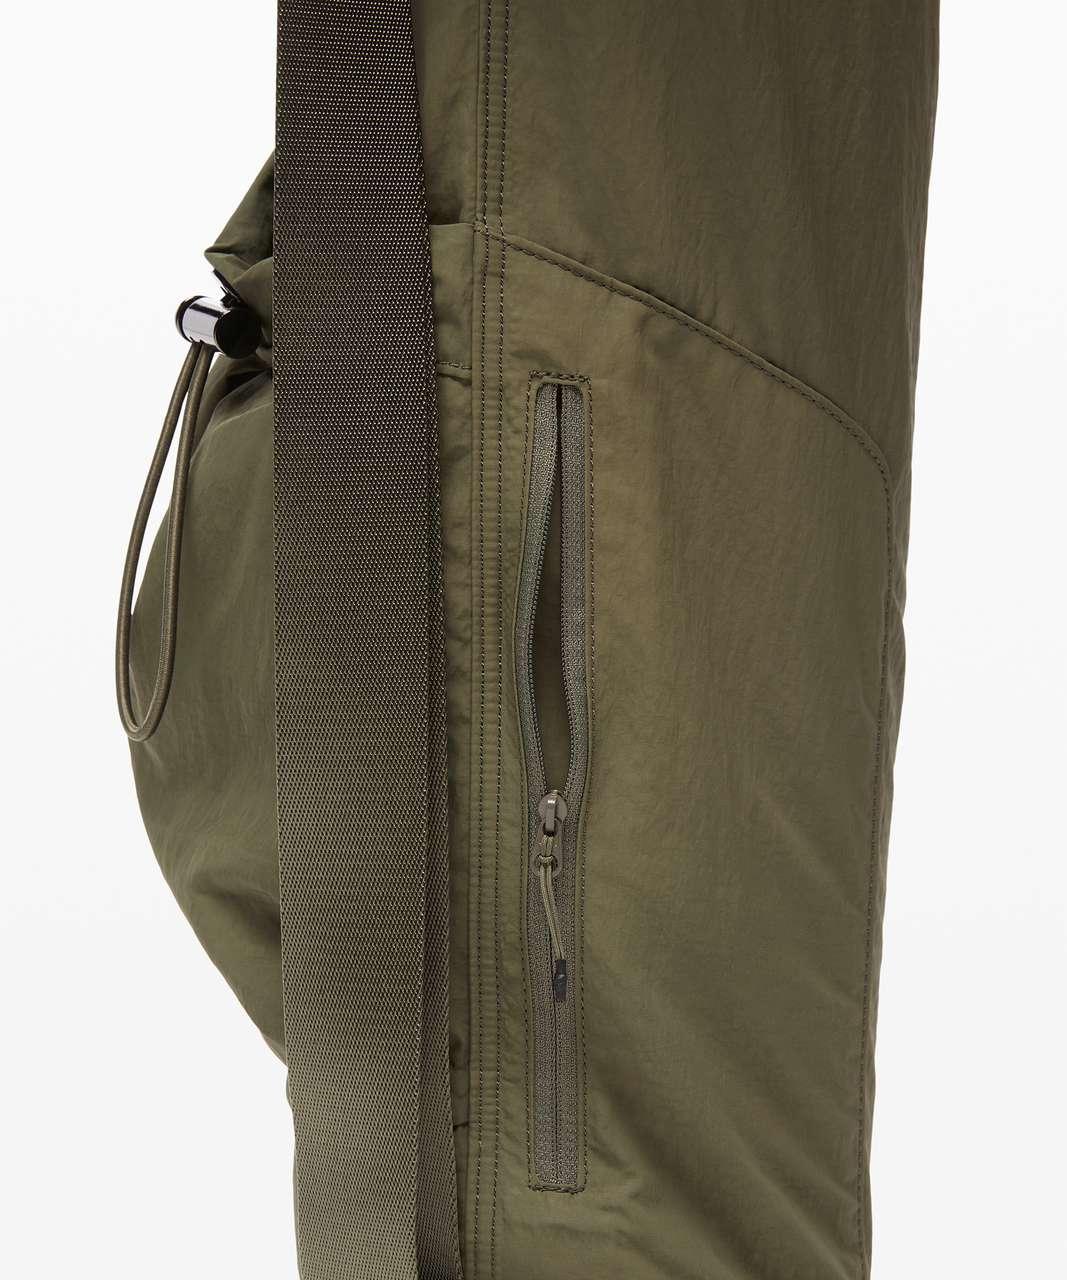 Lululemon The Yoga Mat Bag *16L - Medium Olive